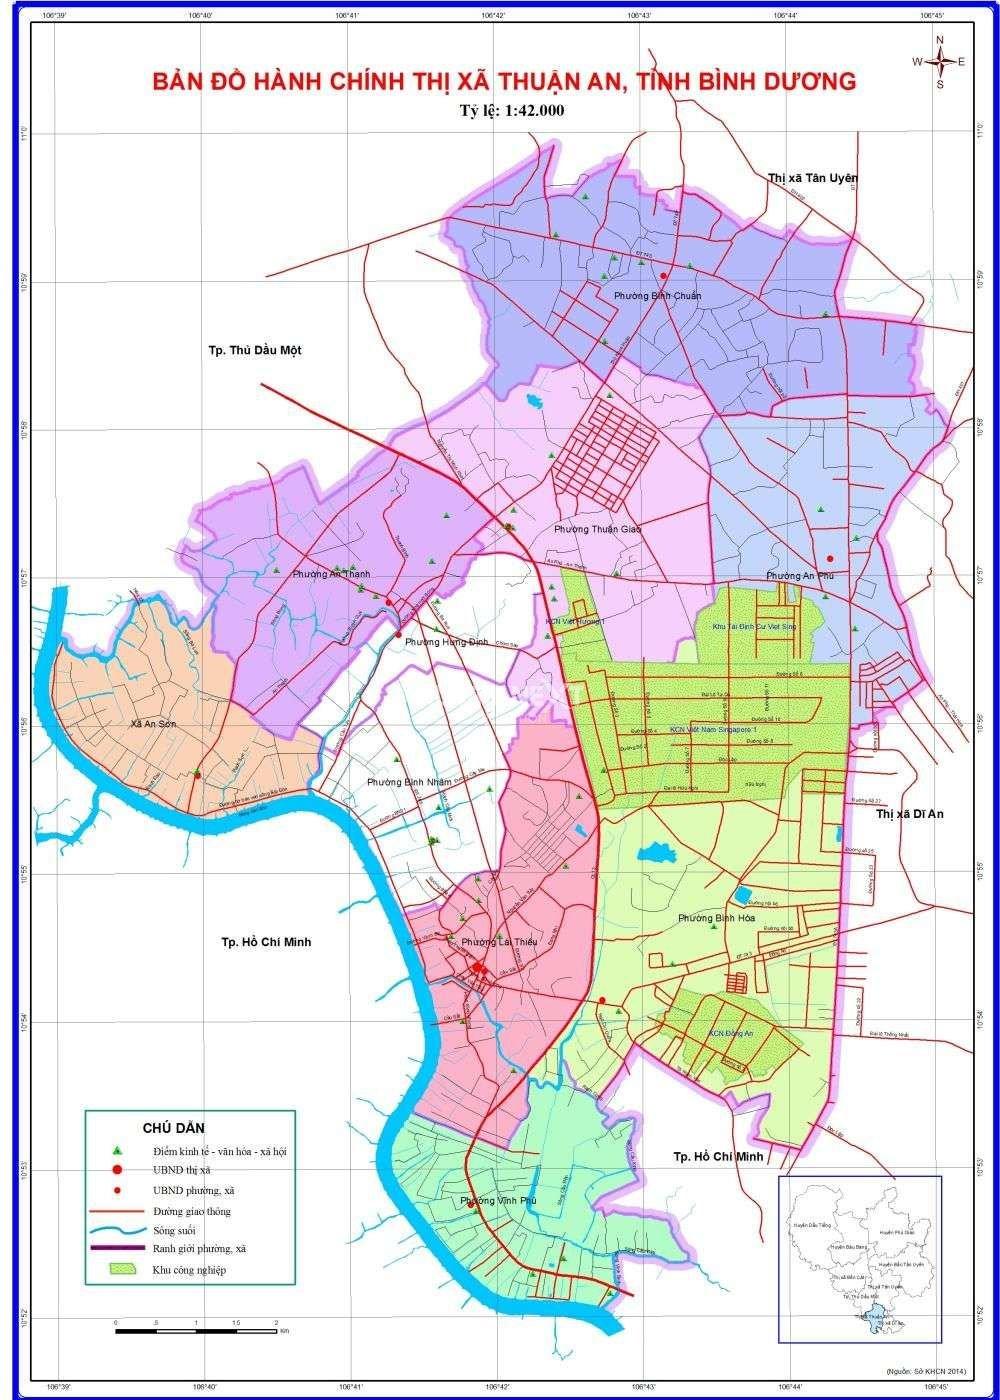 bản đồ hành chính thành phố thuận an